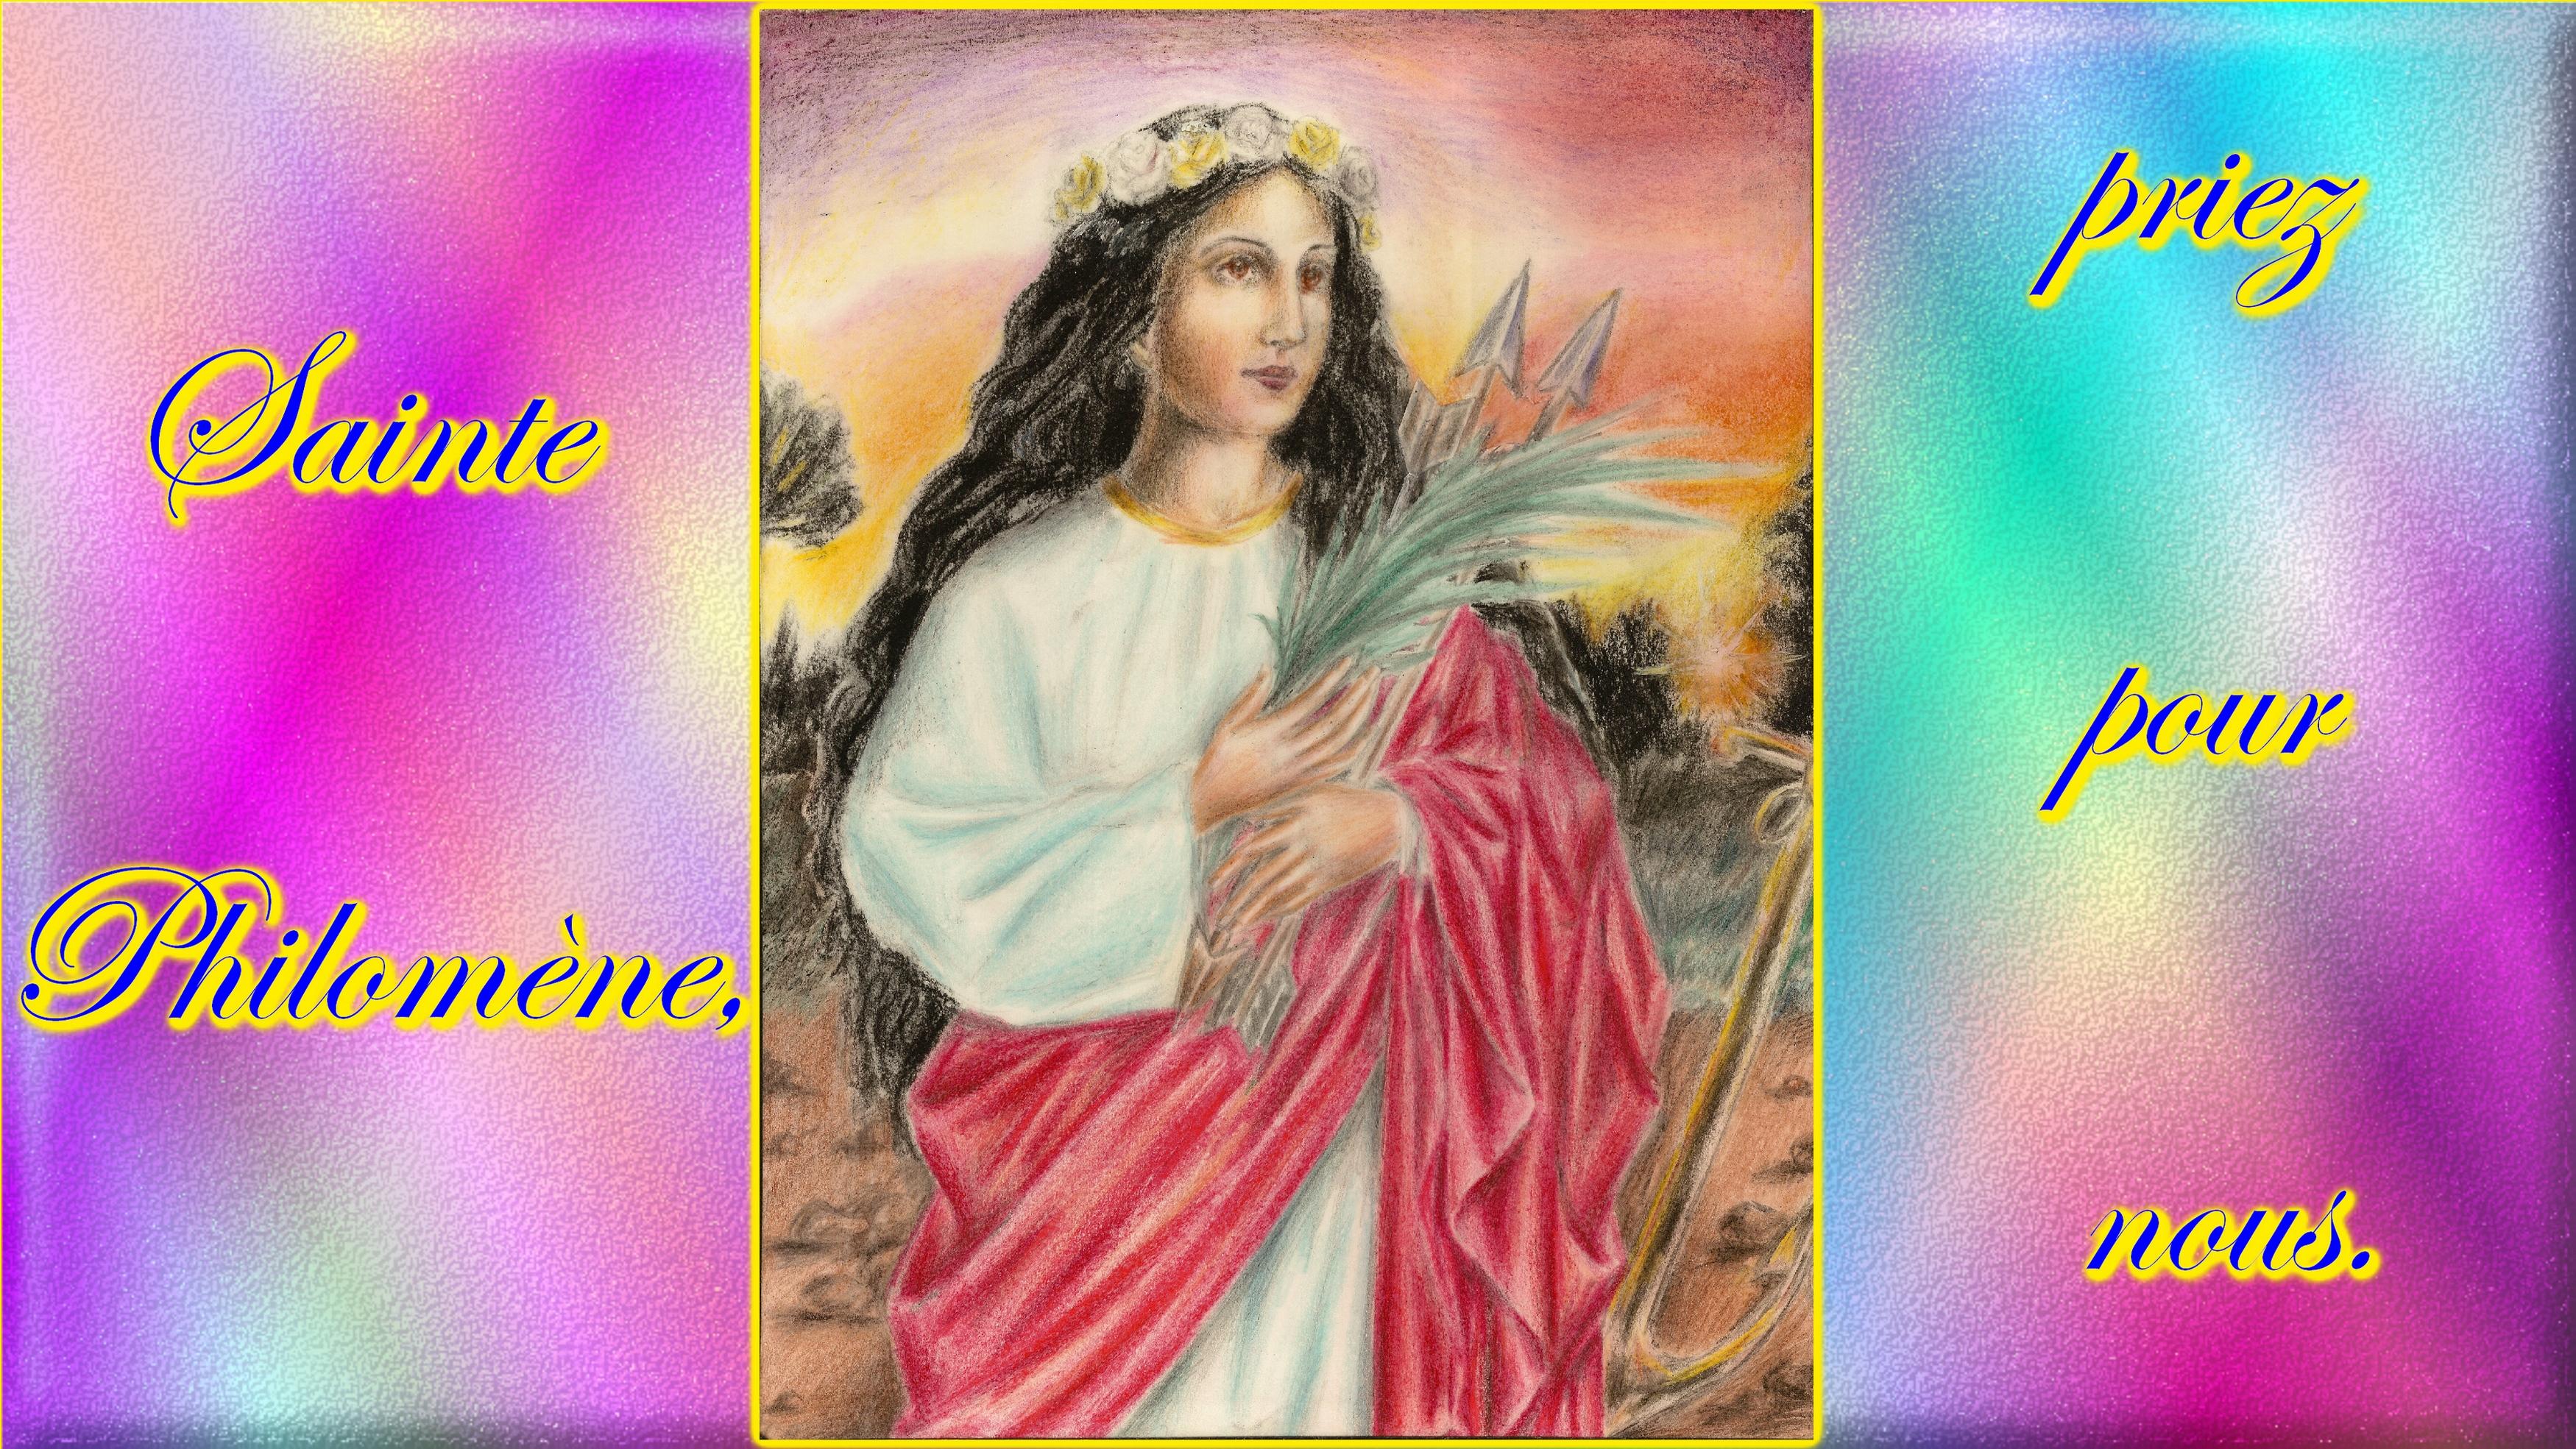 CALENDRIER CATHOLIQUE 2019 (Cantiques, Prières & Images) - Page 5 Ste-philom-ne-5674734